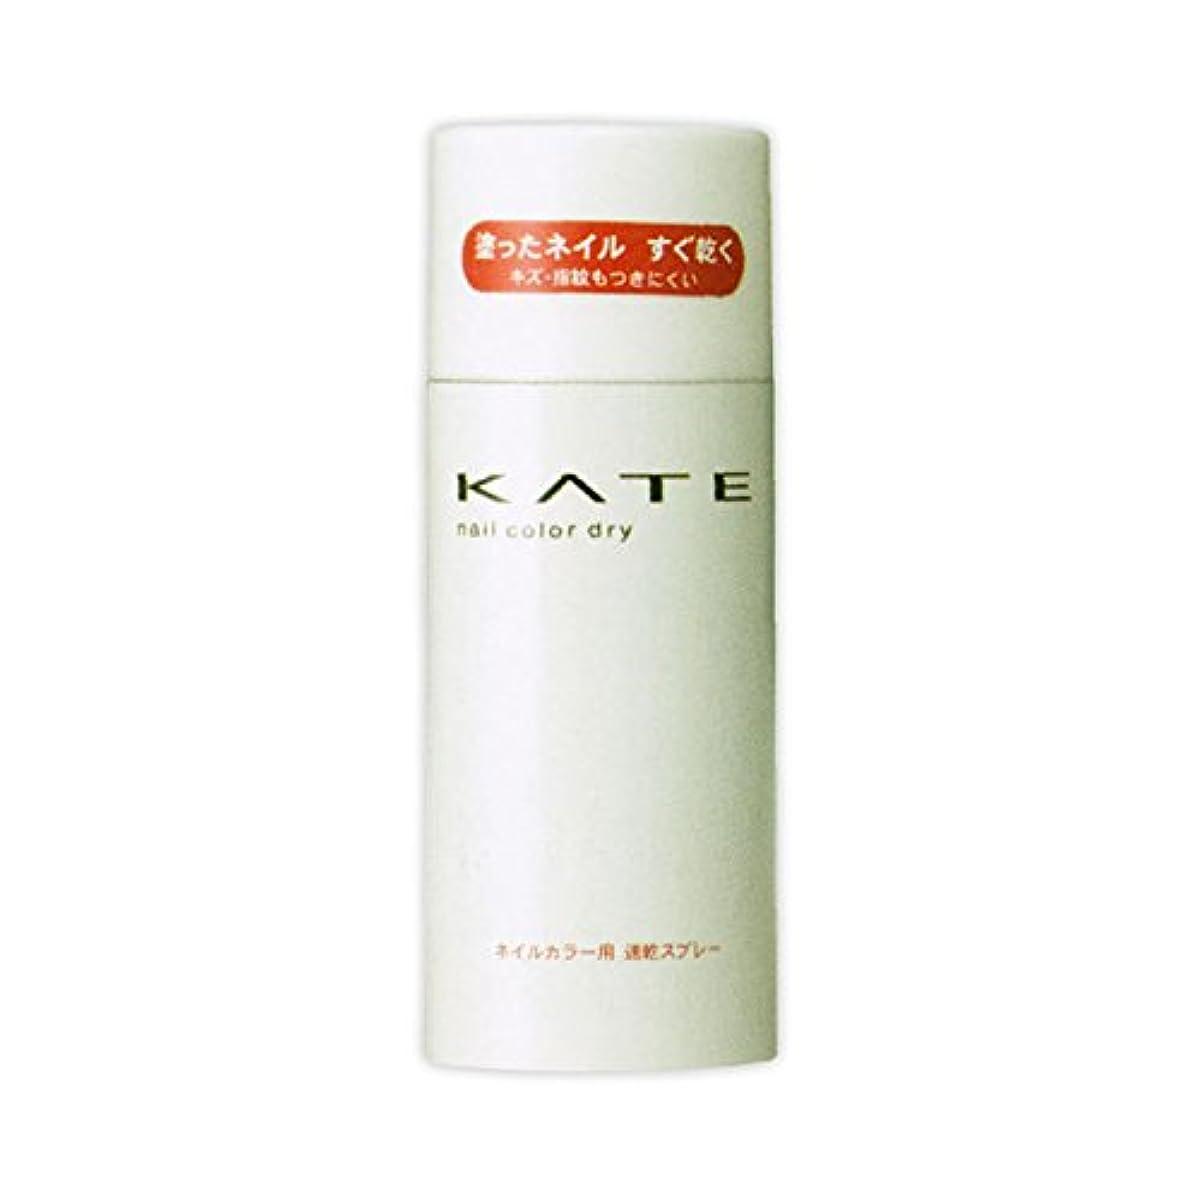 持っている赤極小カネボウ ケイト KATE ネイルカラードライ S 90g